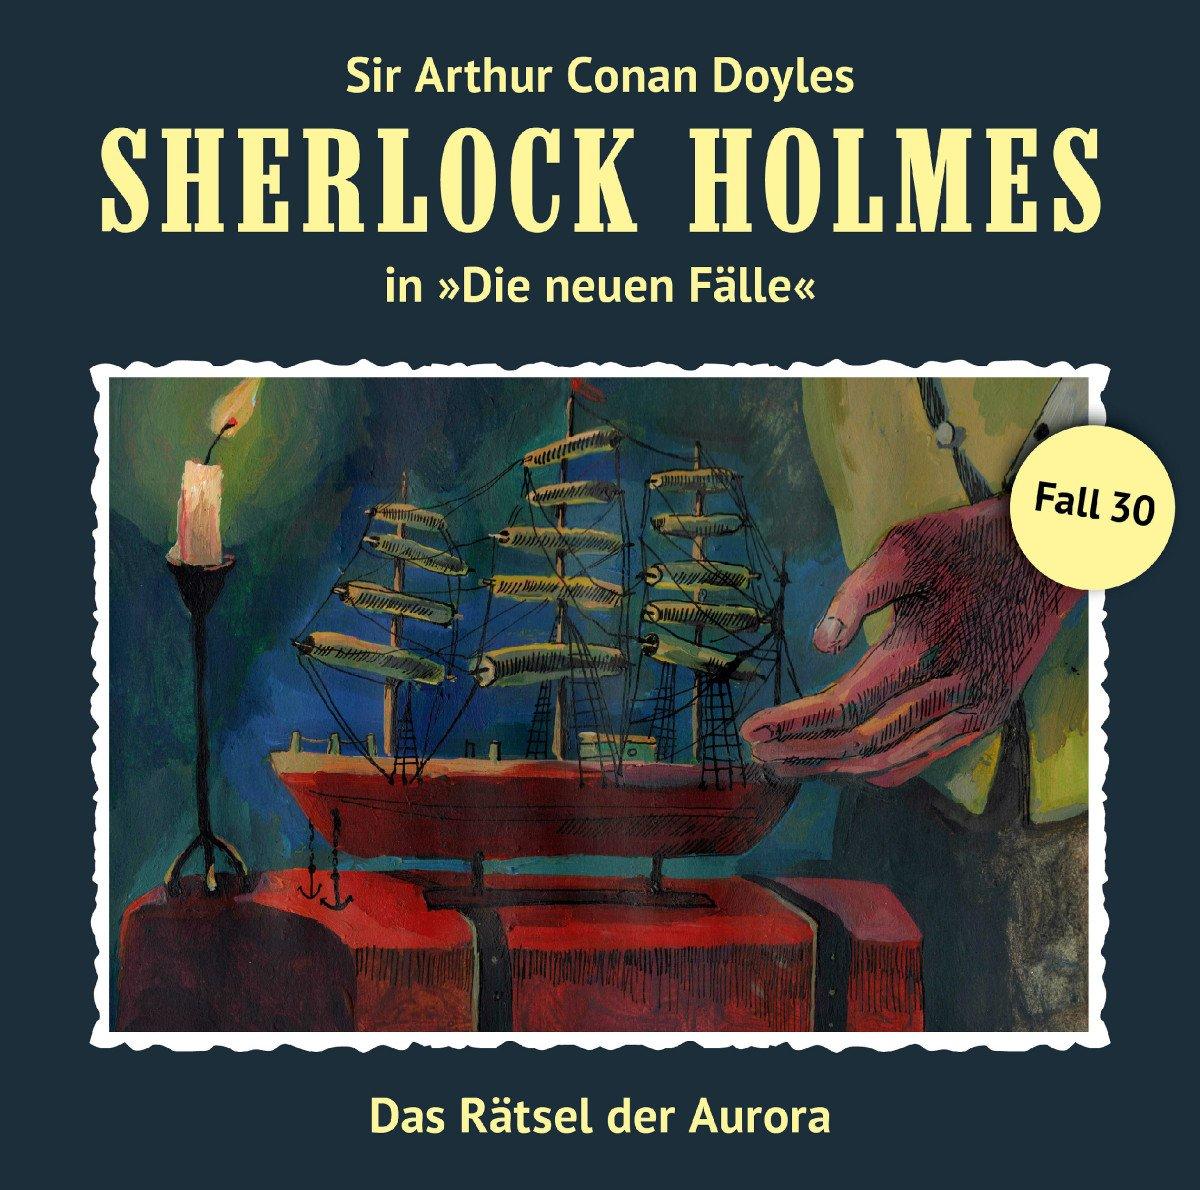 Sherlock Holmes - Die neuen Fälle (30) Das Rätsel der Aurora (Eric Niemann) Romantruhe 2017